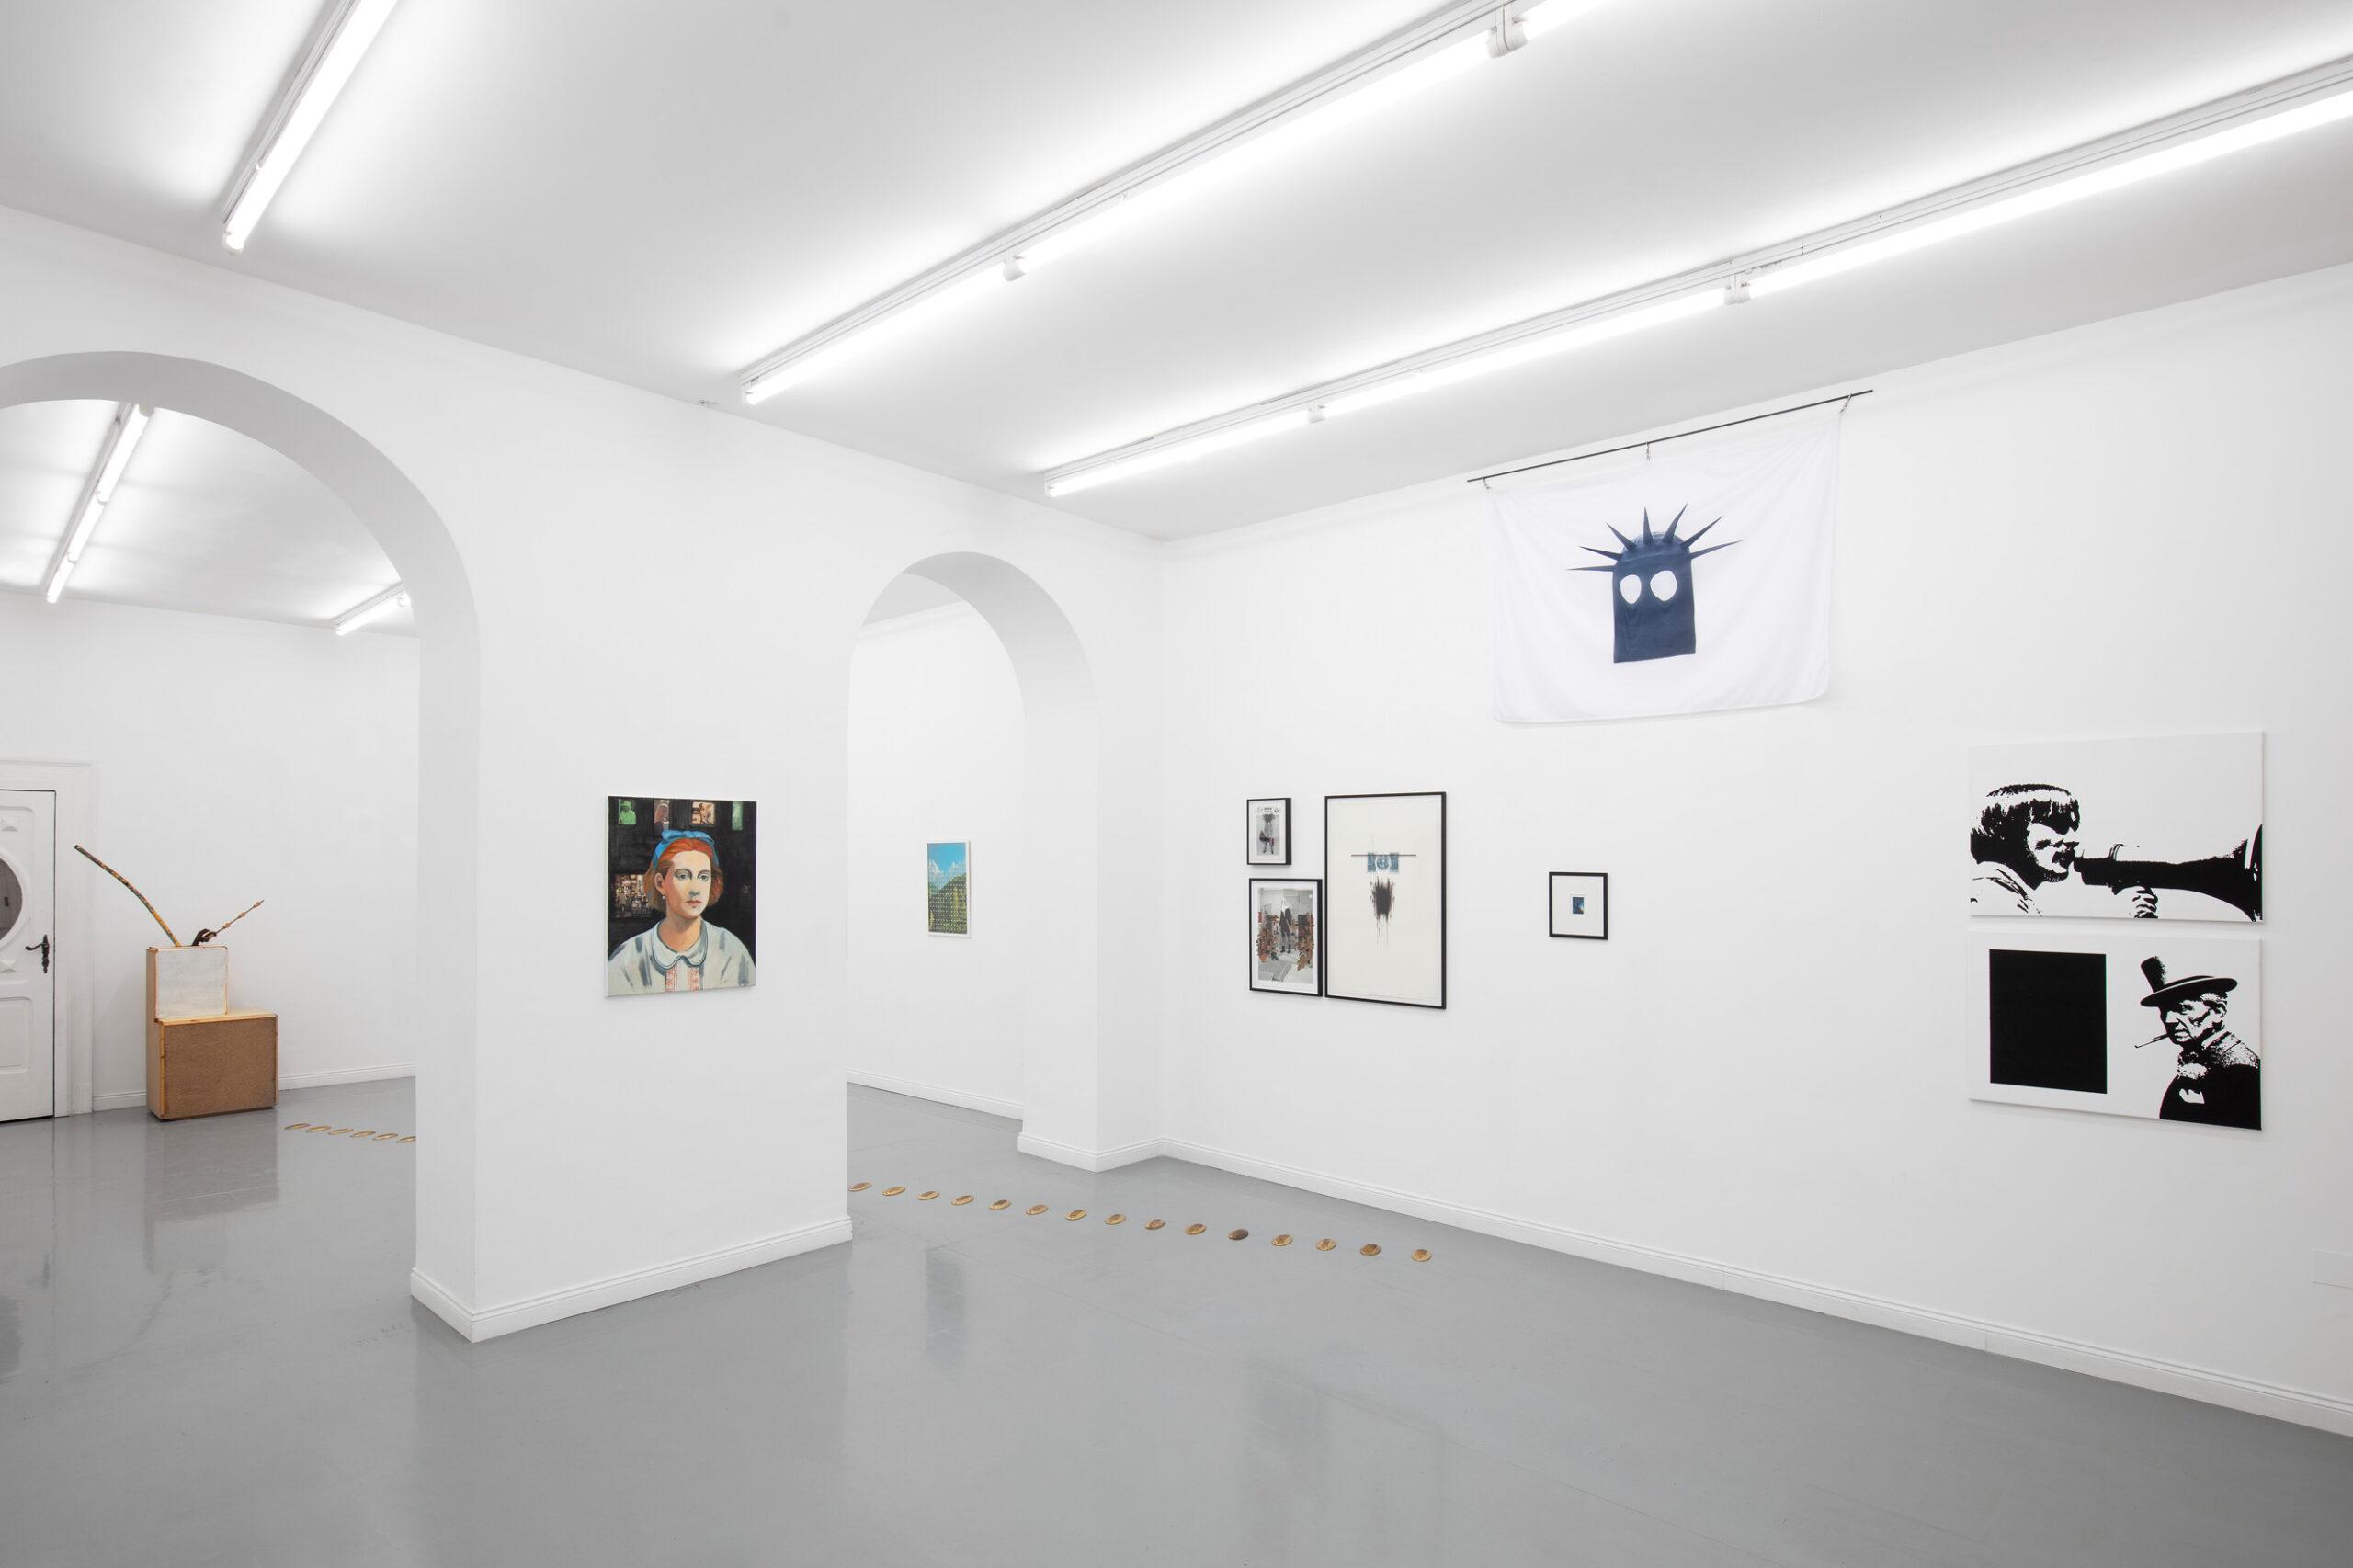 Fonti, Intermezzo Strumentale, Exhibition view